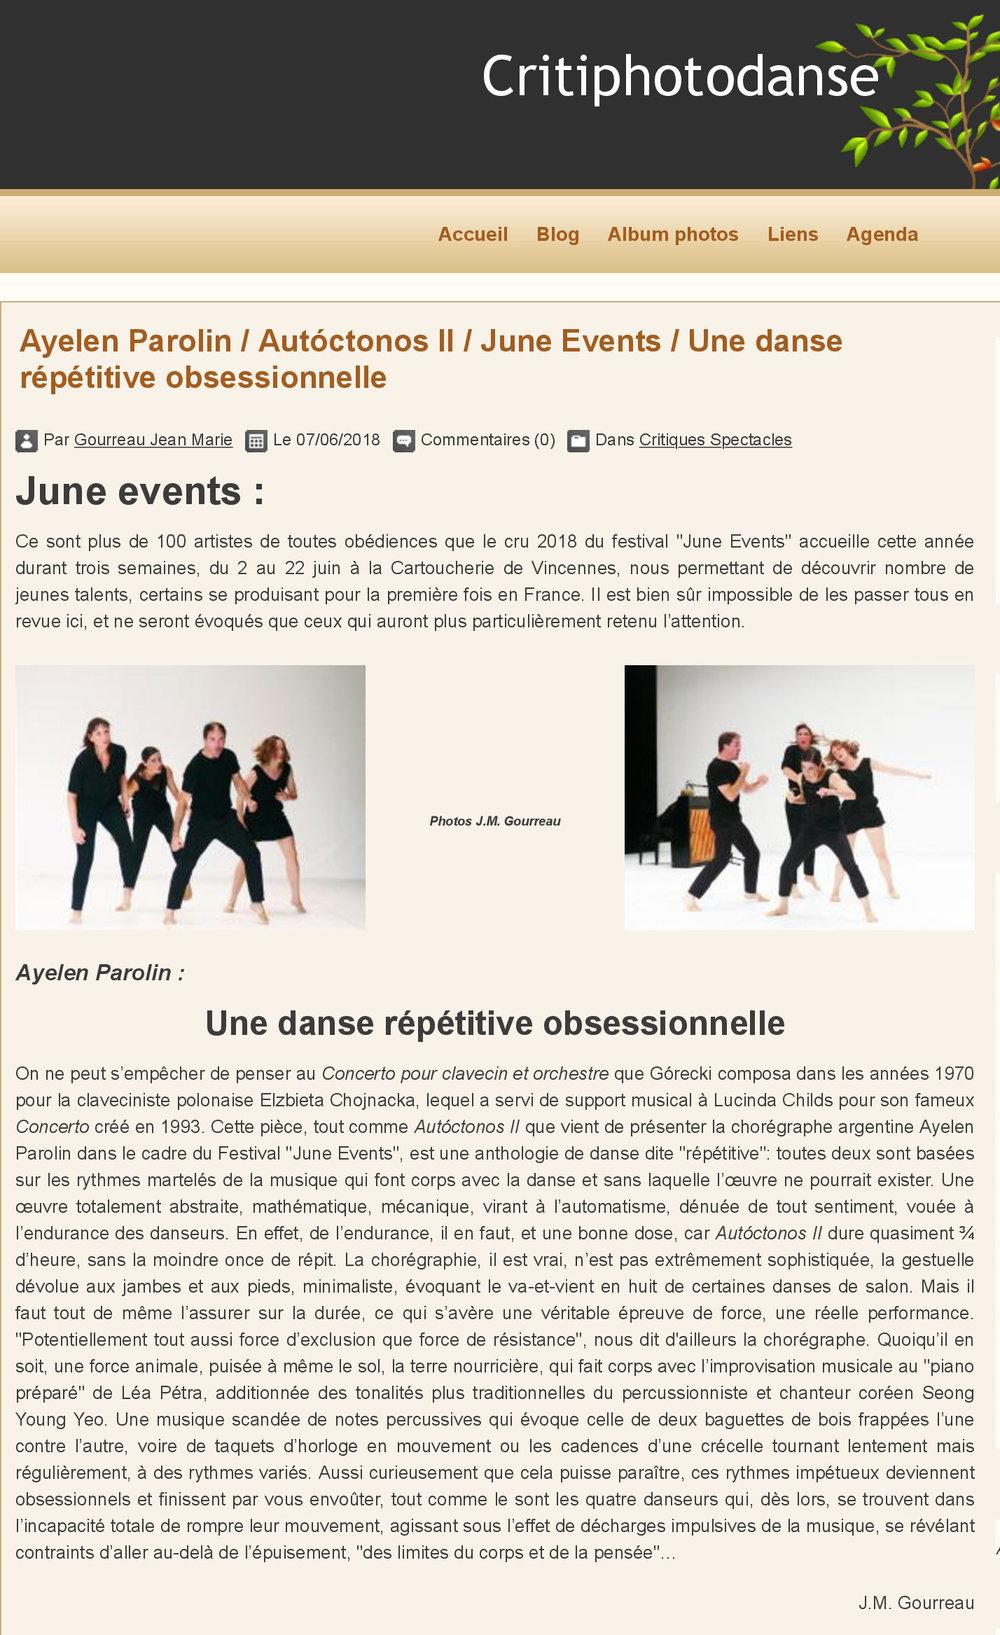 AyelenParolin_AutoctonosII_JuneEvents_Critiphotodanse.jpg